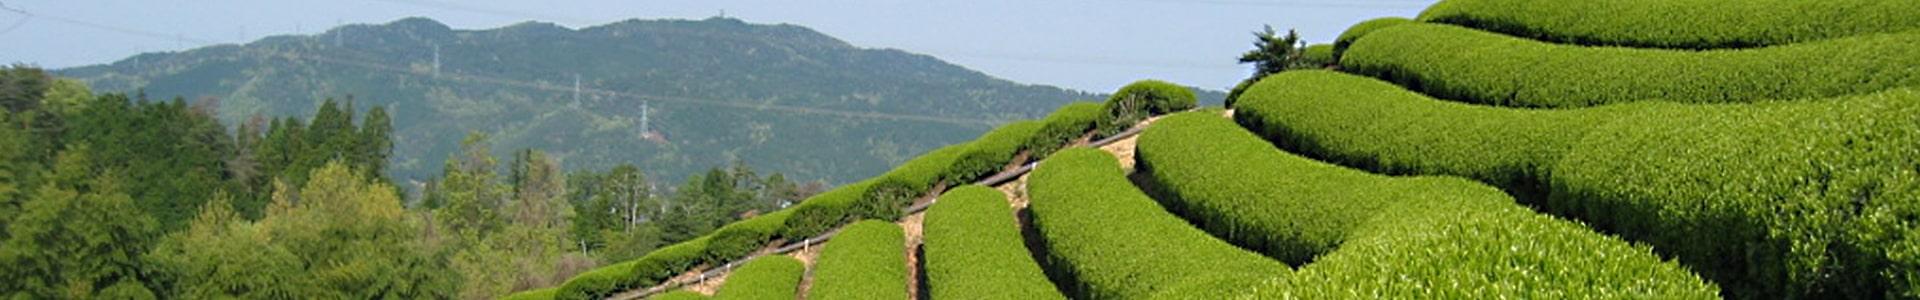 写真:茶畑